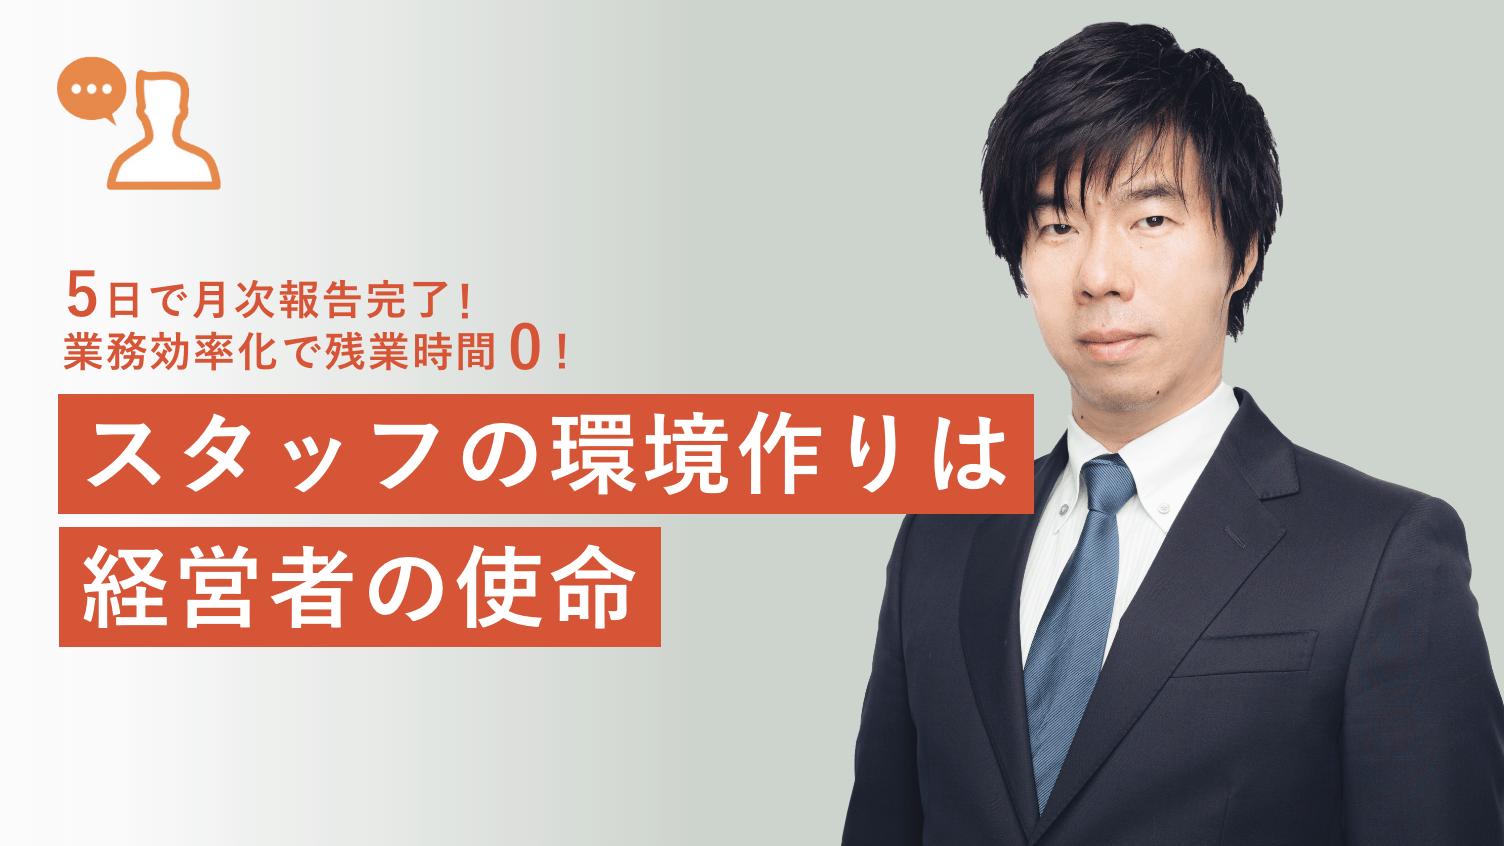 エクセライク会計伊藤様画像